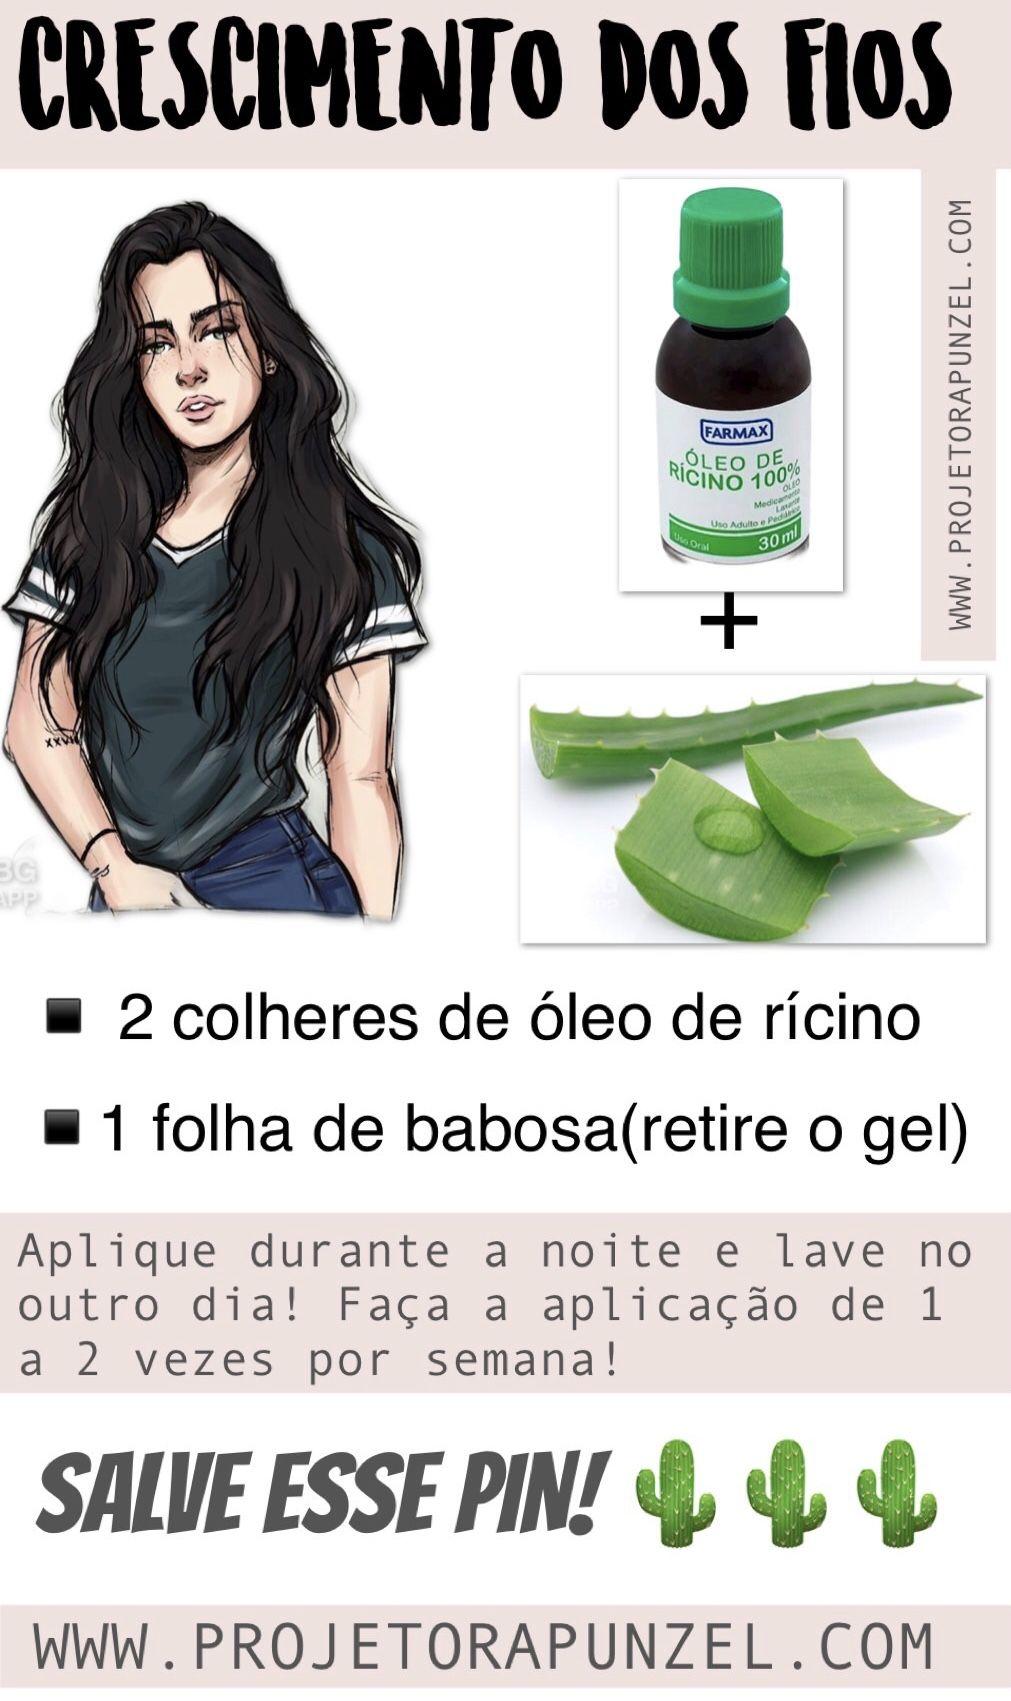 RECEITA PARA O CRESCIMENTO DOS FIOS  #cabelo